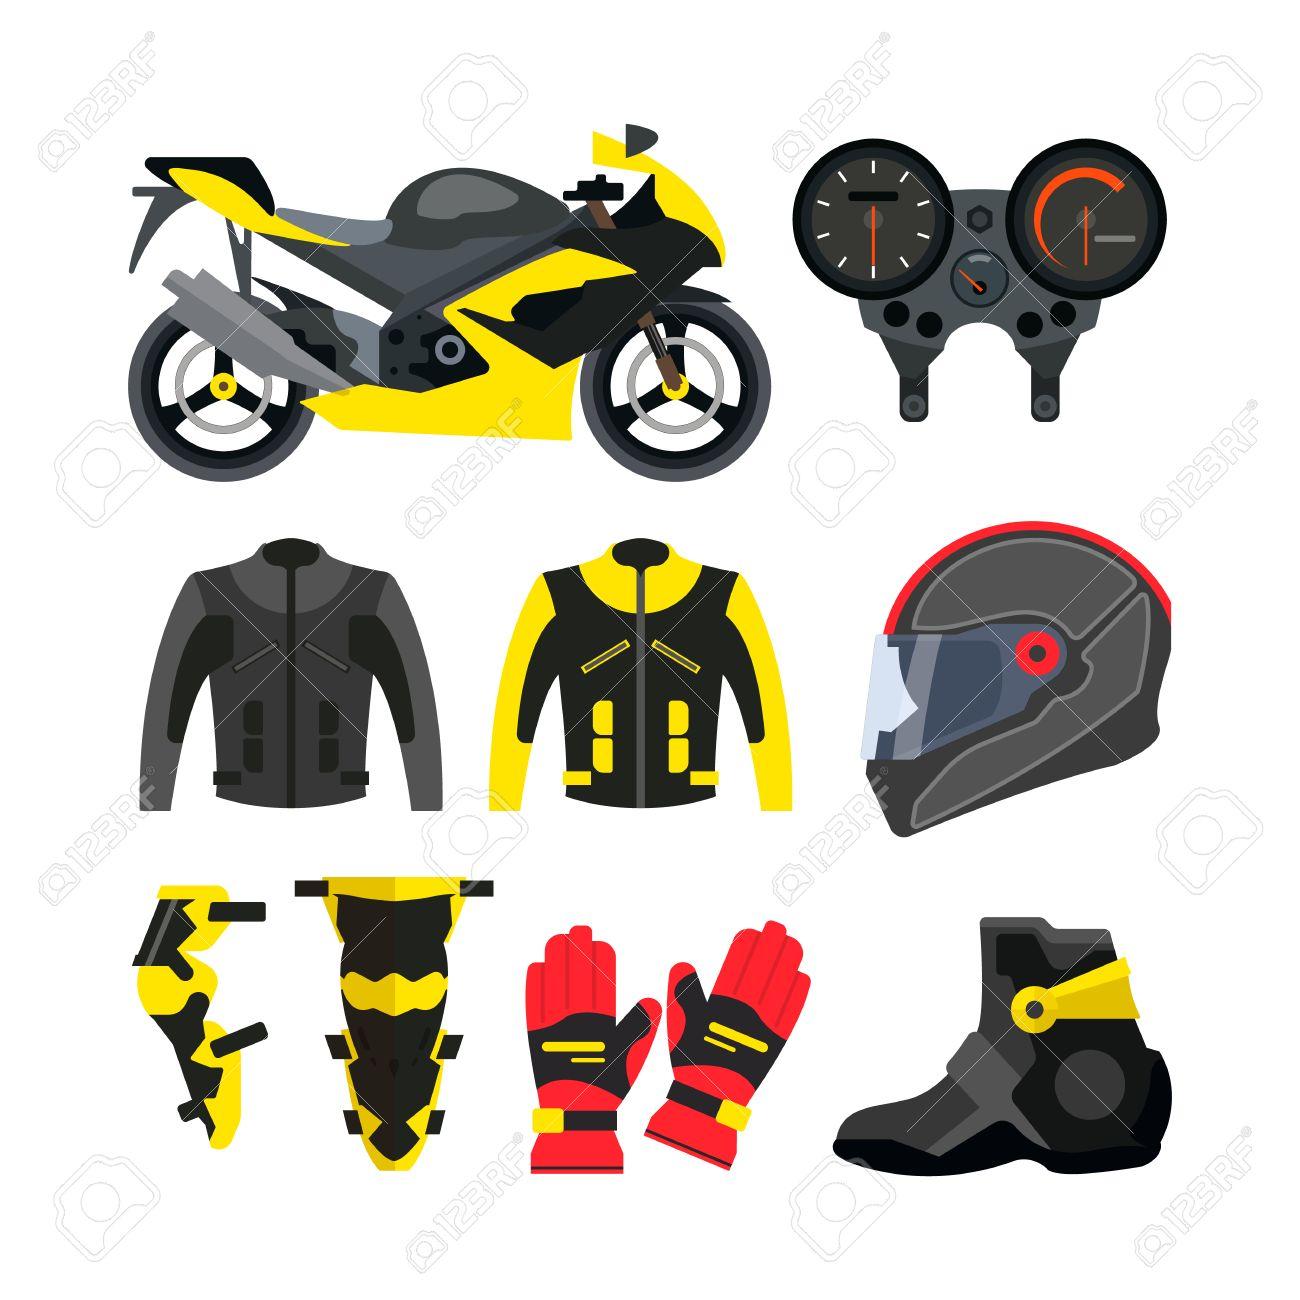 4b15837749fa2 Foto de archivo - Vector conjunto de accesorios de la motocicleta.  Elementos de diseño y iconos aislados sobre fondo blanco. moto deportiva